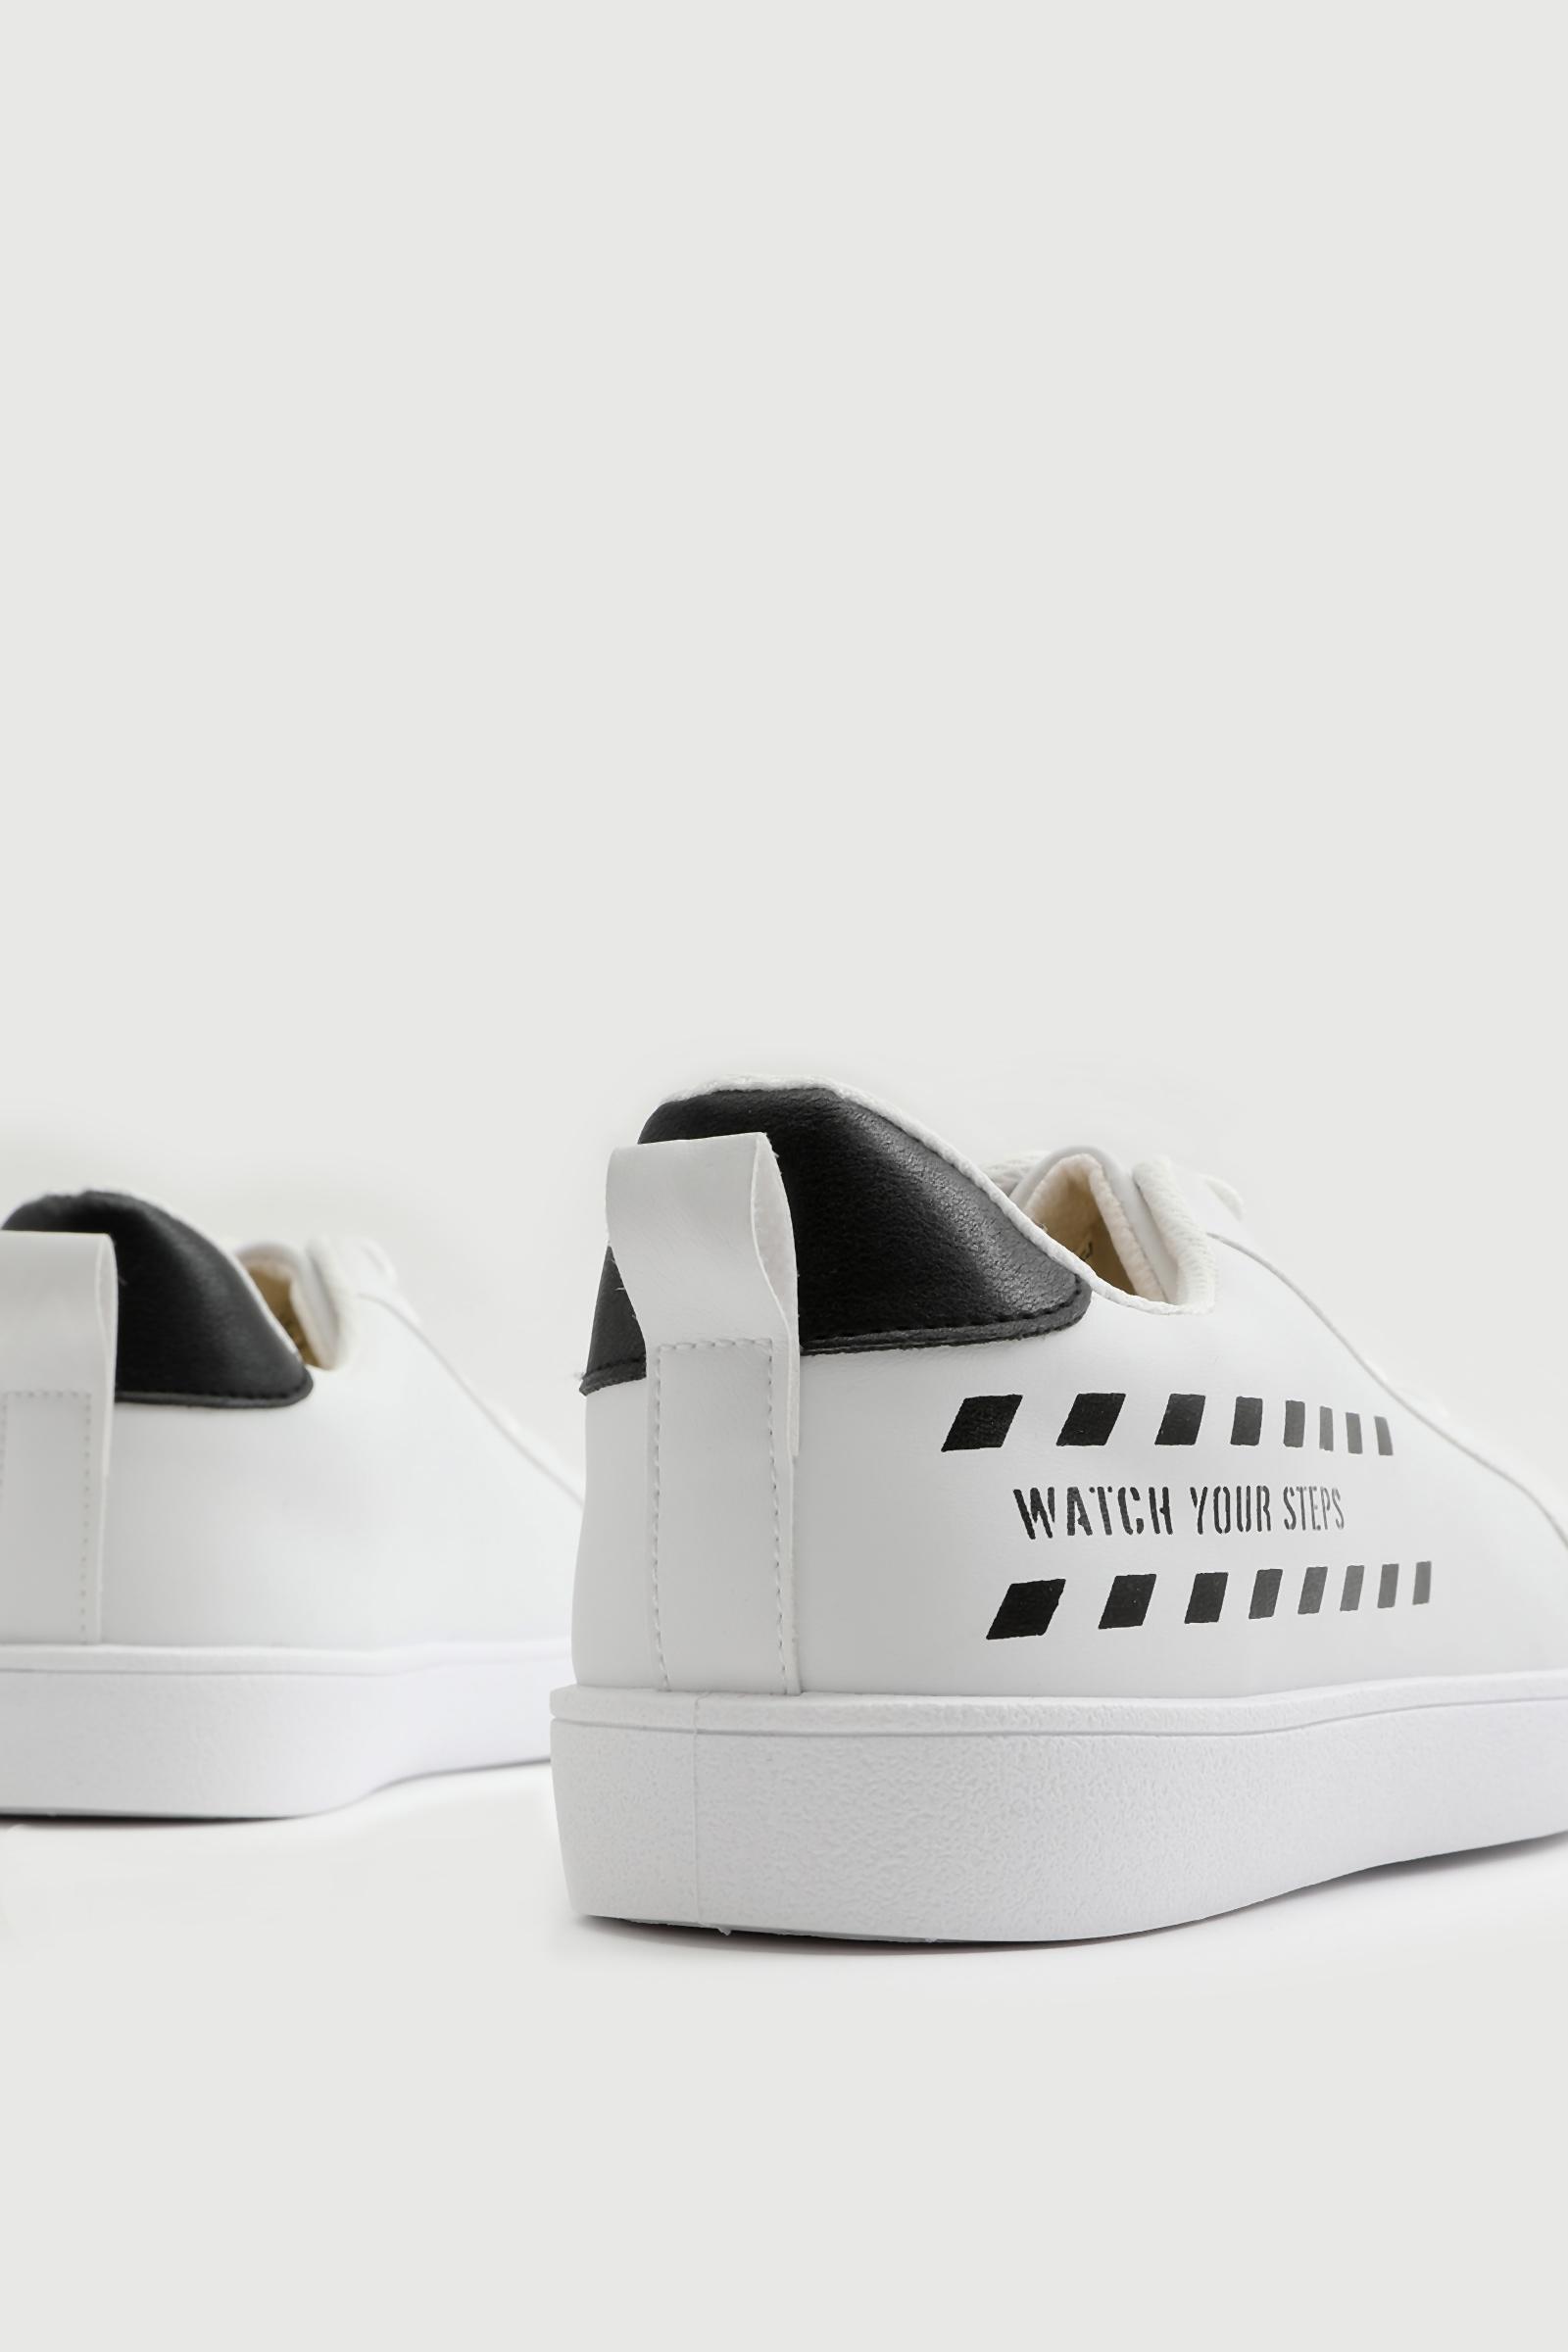 Slogan Printed Sneakers